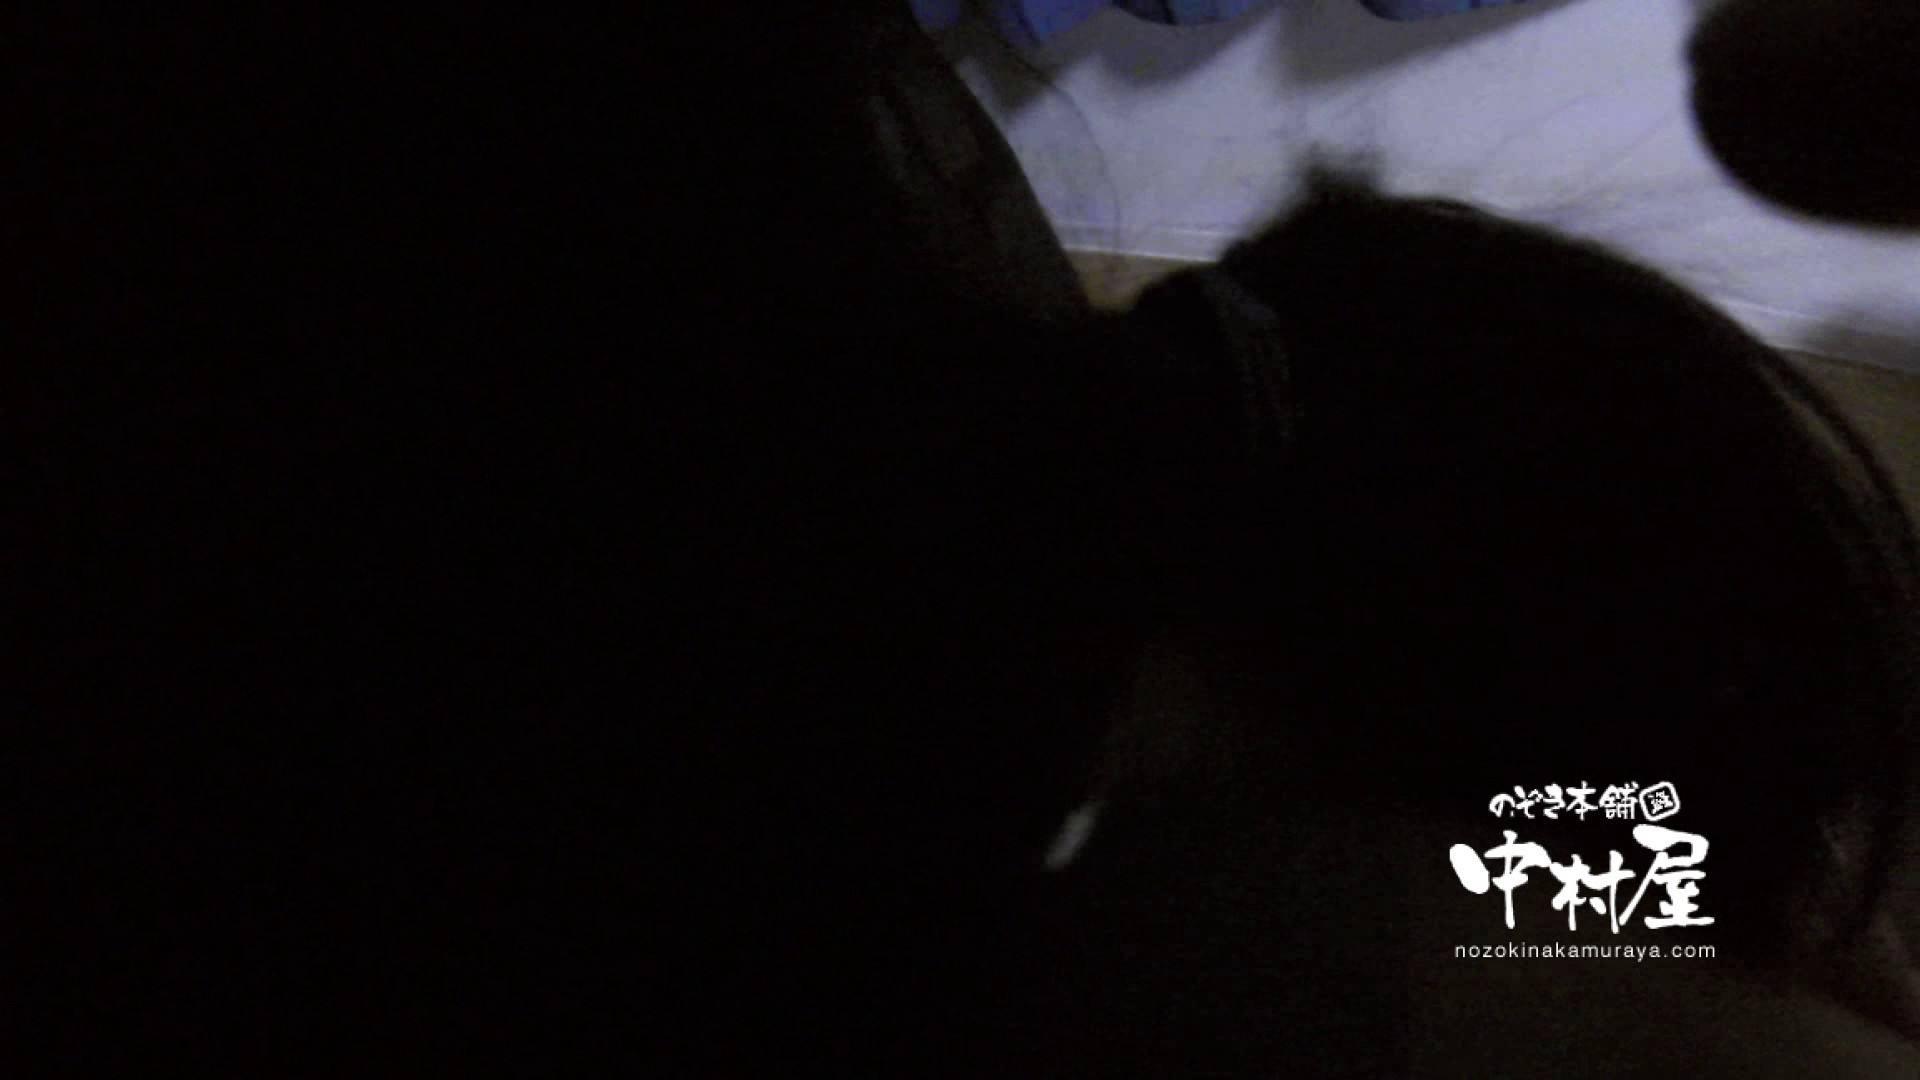 鬼畜 vol.10 あぁ無情…中出しパイパン! 後編 OLエロ画像 盗み撮りオマンコ動画キャプチャ 100PICs 74